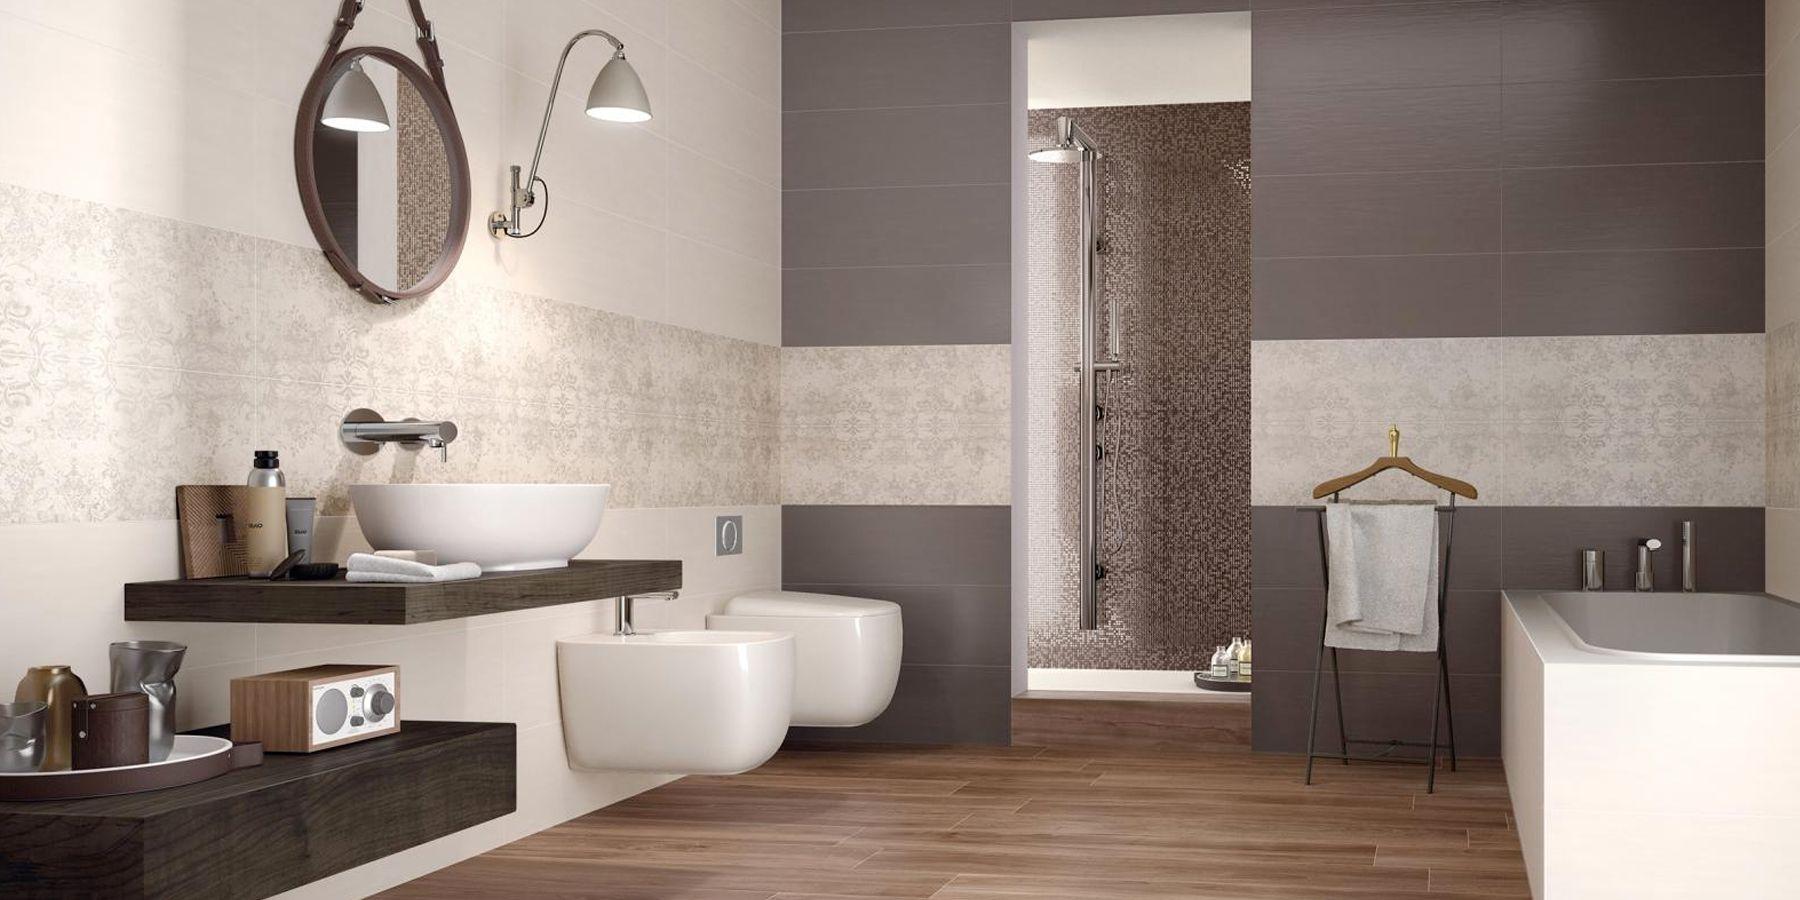 Tutto quello che devi sapere prima di ristrutturare il bagno